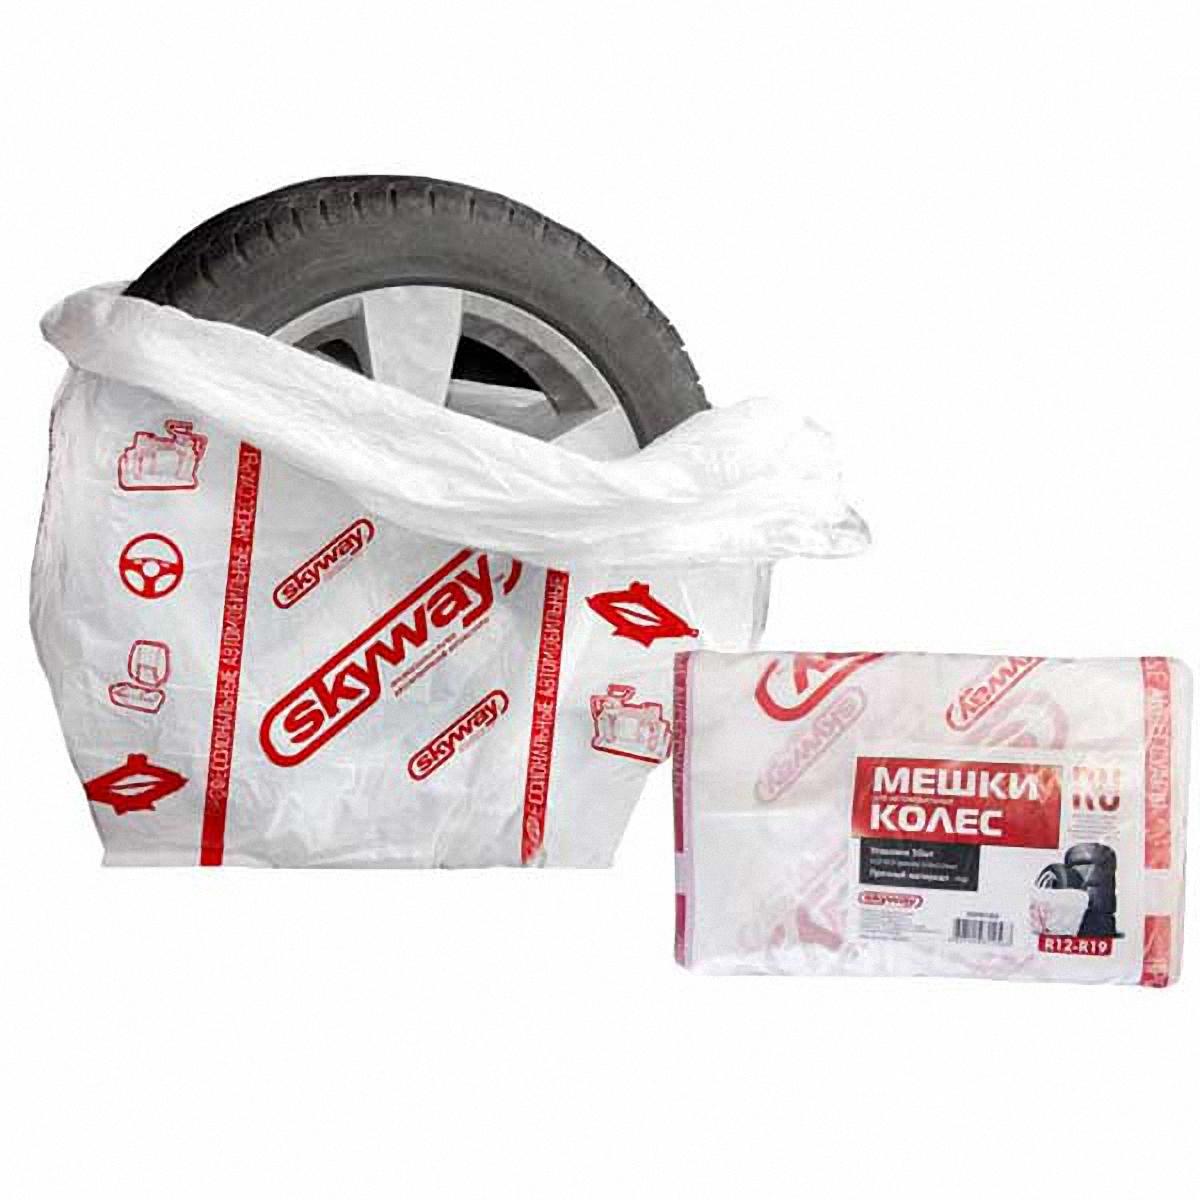 Мешки для хранения колес Skyway R12-19, цвет: белый, 110 х 110 см, 50 штS05901002Мешки для хранения колес SKYWAY R12-19 110*110см рулон 50шт – мешки предназначены для хранения колес размера R12-19. Изготовлены из полиэтилена низкого давления (ПНД), что обеспечивает высокую прочность. Мешки ПНД меньше растягиваются, поэтому они лучше приспособлены для переноски тяжести. Имеют матовую поверхность и вместительный размер - 110*110 см, а также в комплект входят наклейки для маркировки колес. Мешки SKYWAY - это максимум прочности при минимальном бюджете. Характеристики: Размер колеса - R12-19 Размер мешка – 110*110 см Материал - полиэтилена низкого давления (ПНД) Цвет – белый с логотипом